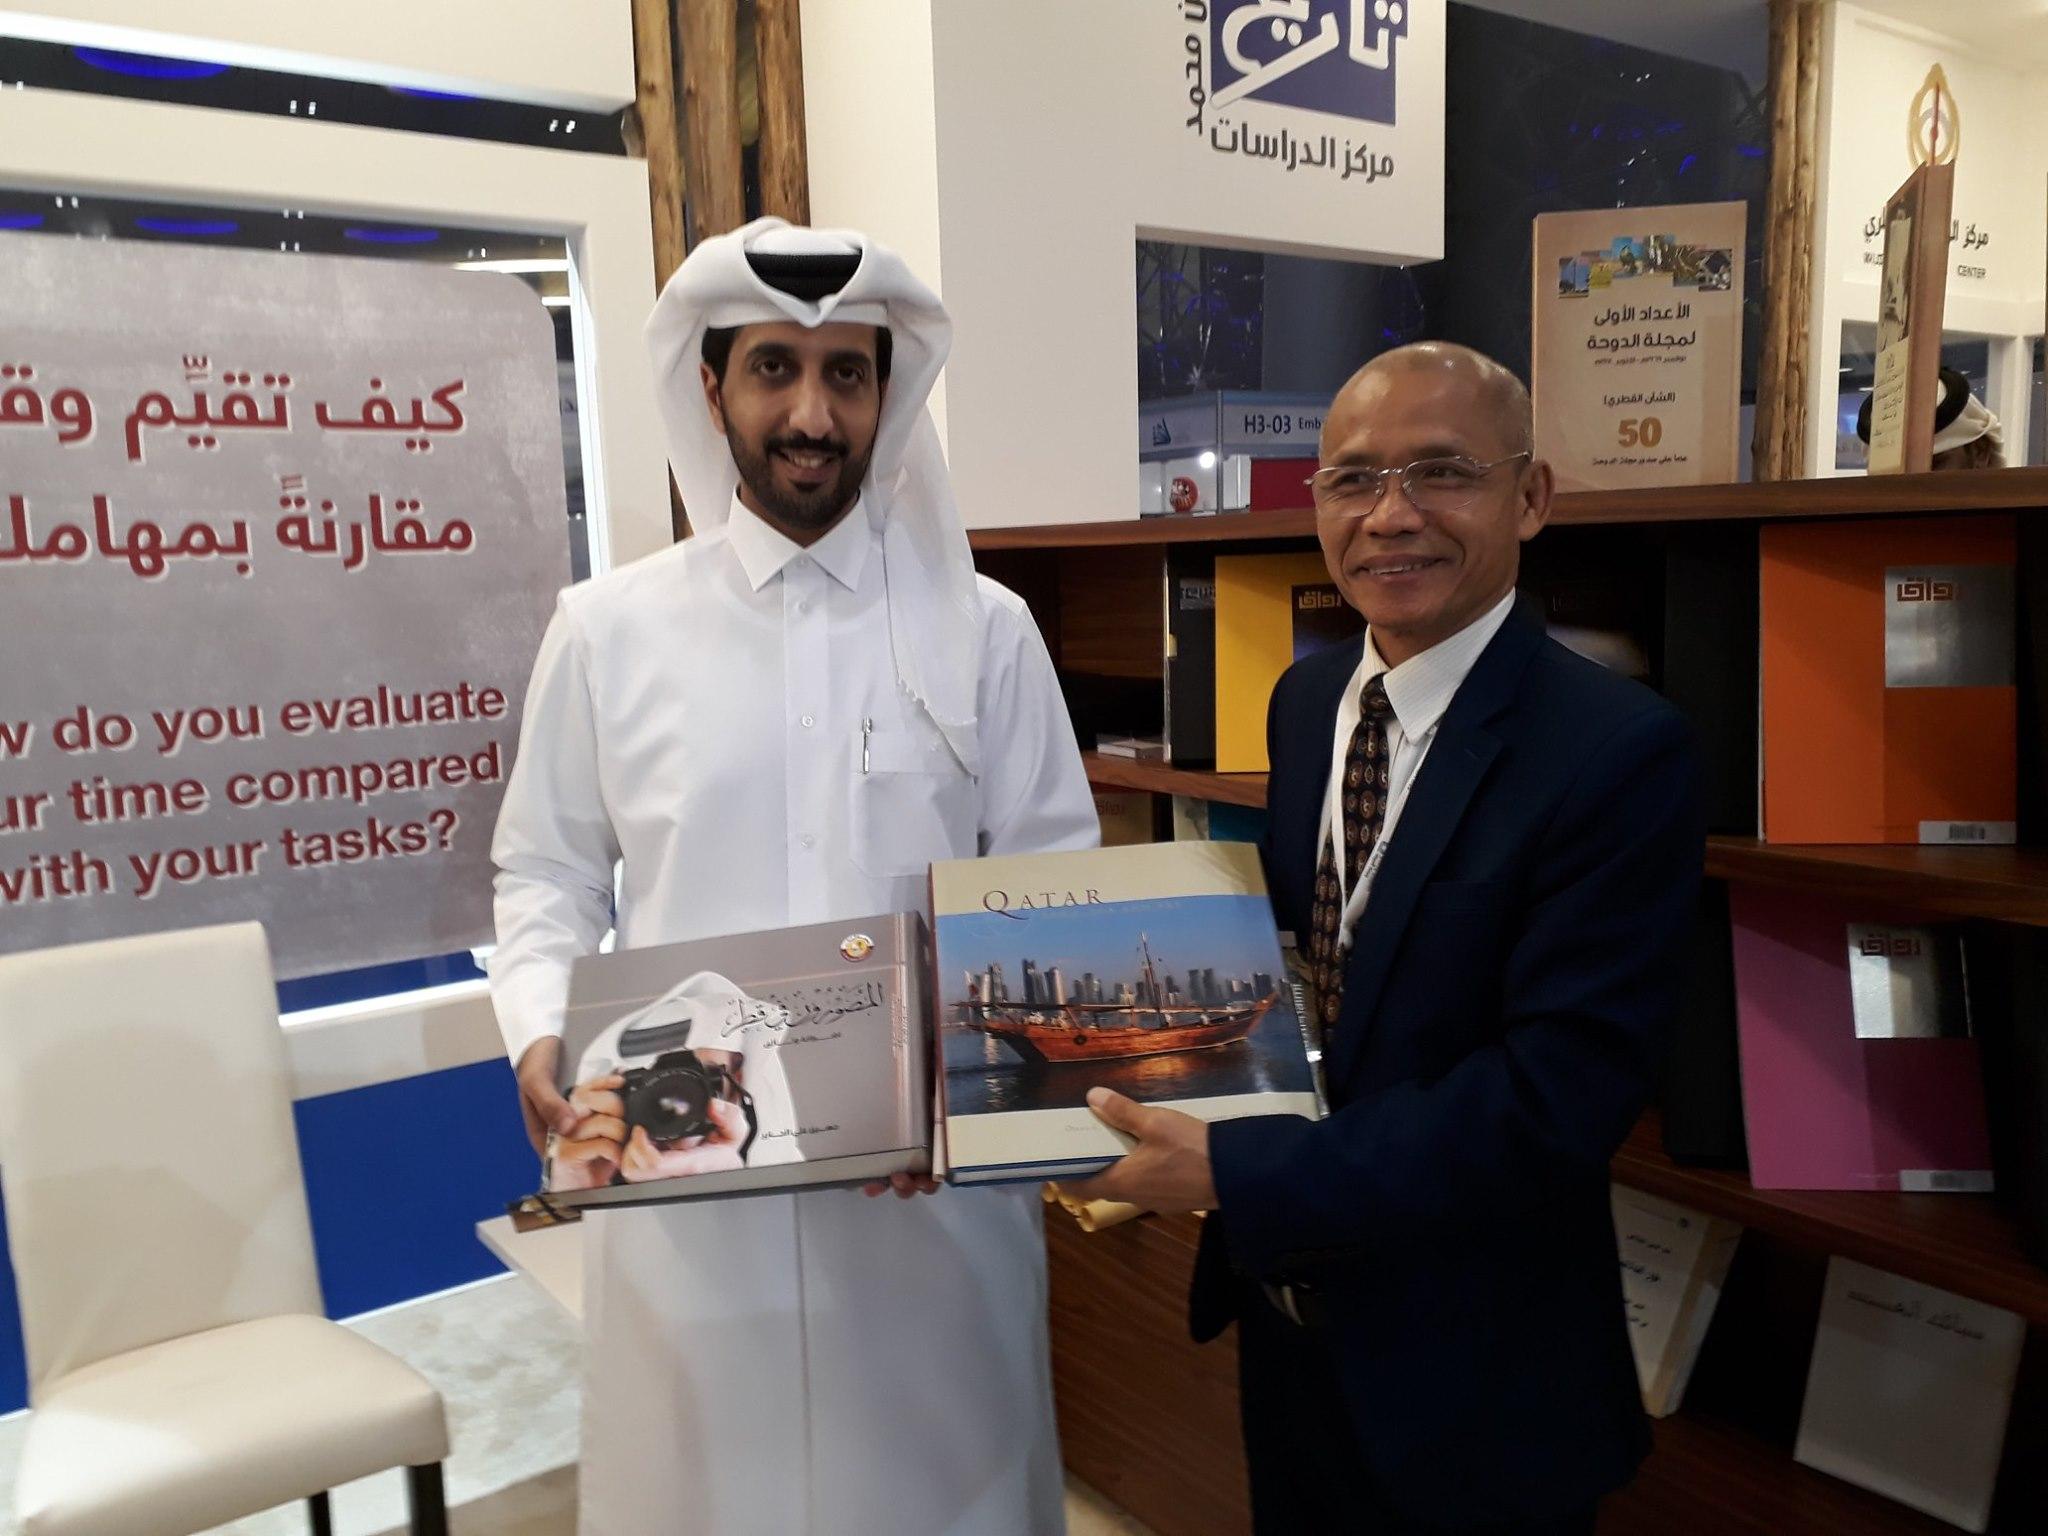 Hội sách Quốc tế Doha 2020 tràn ngập xe đẩy và học sinh – hãy để việc mua sách trở thành một thói quen hằng ngày!